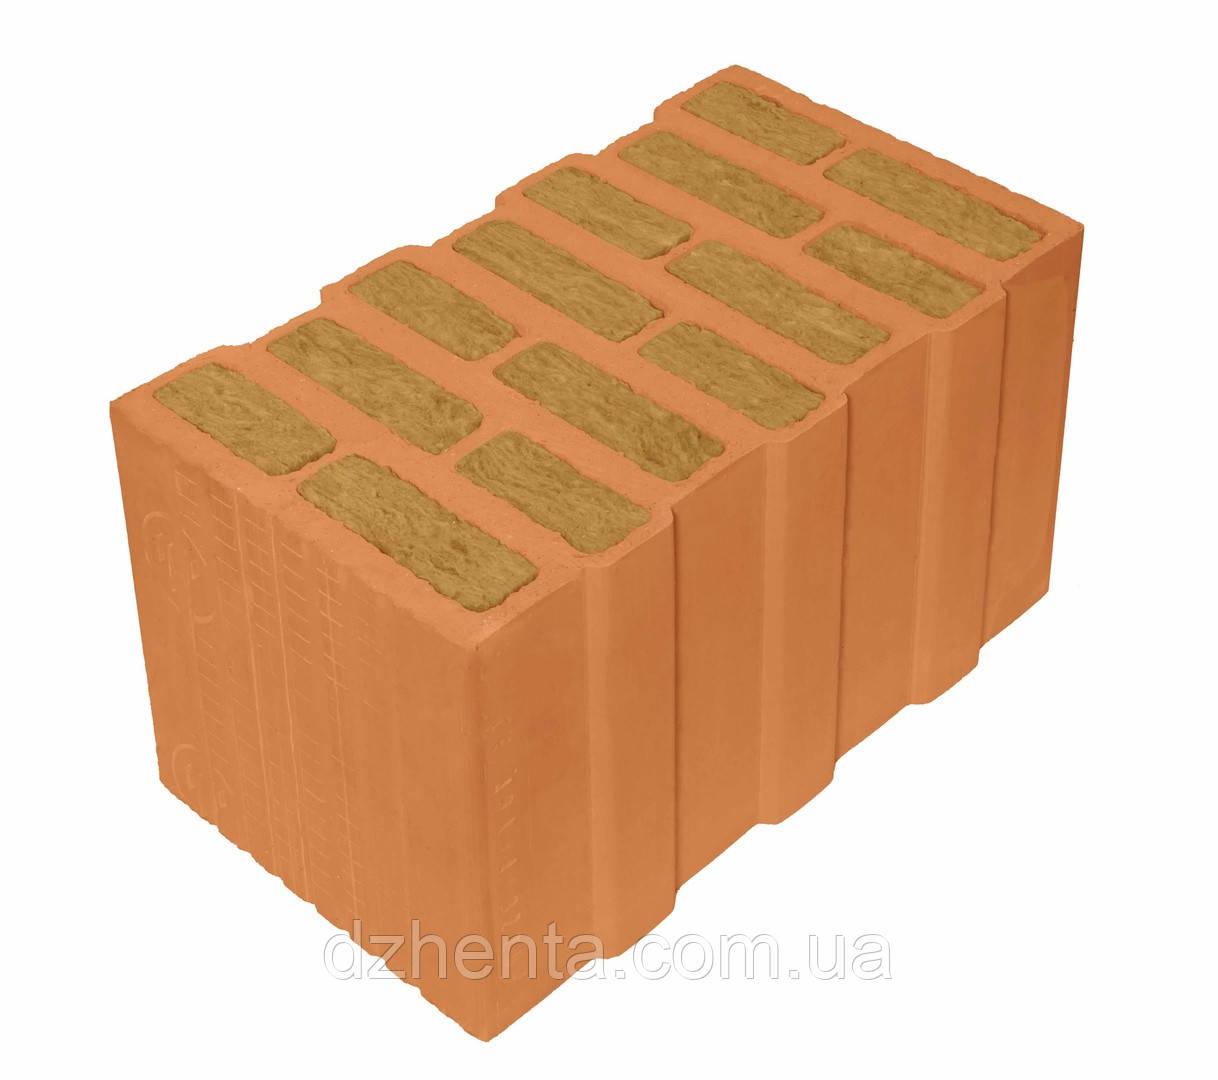 Керамические блоки Porotherm T Profi